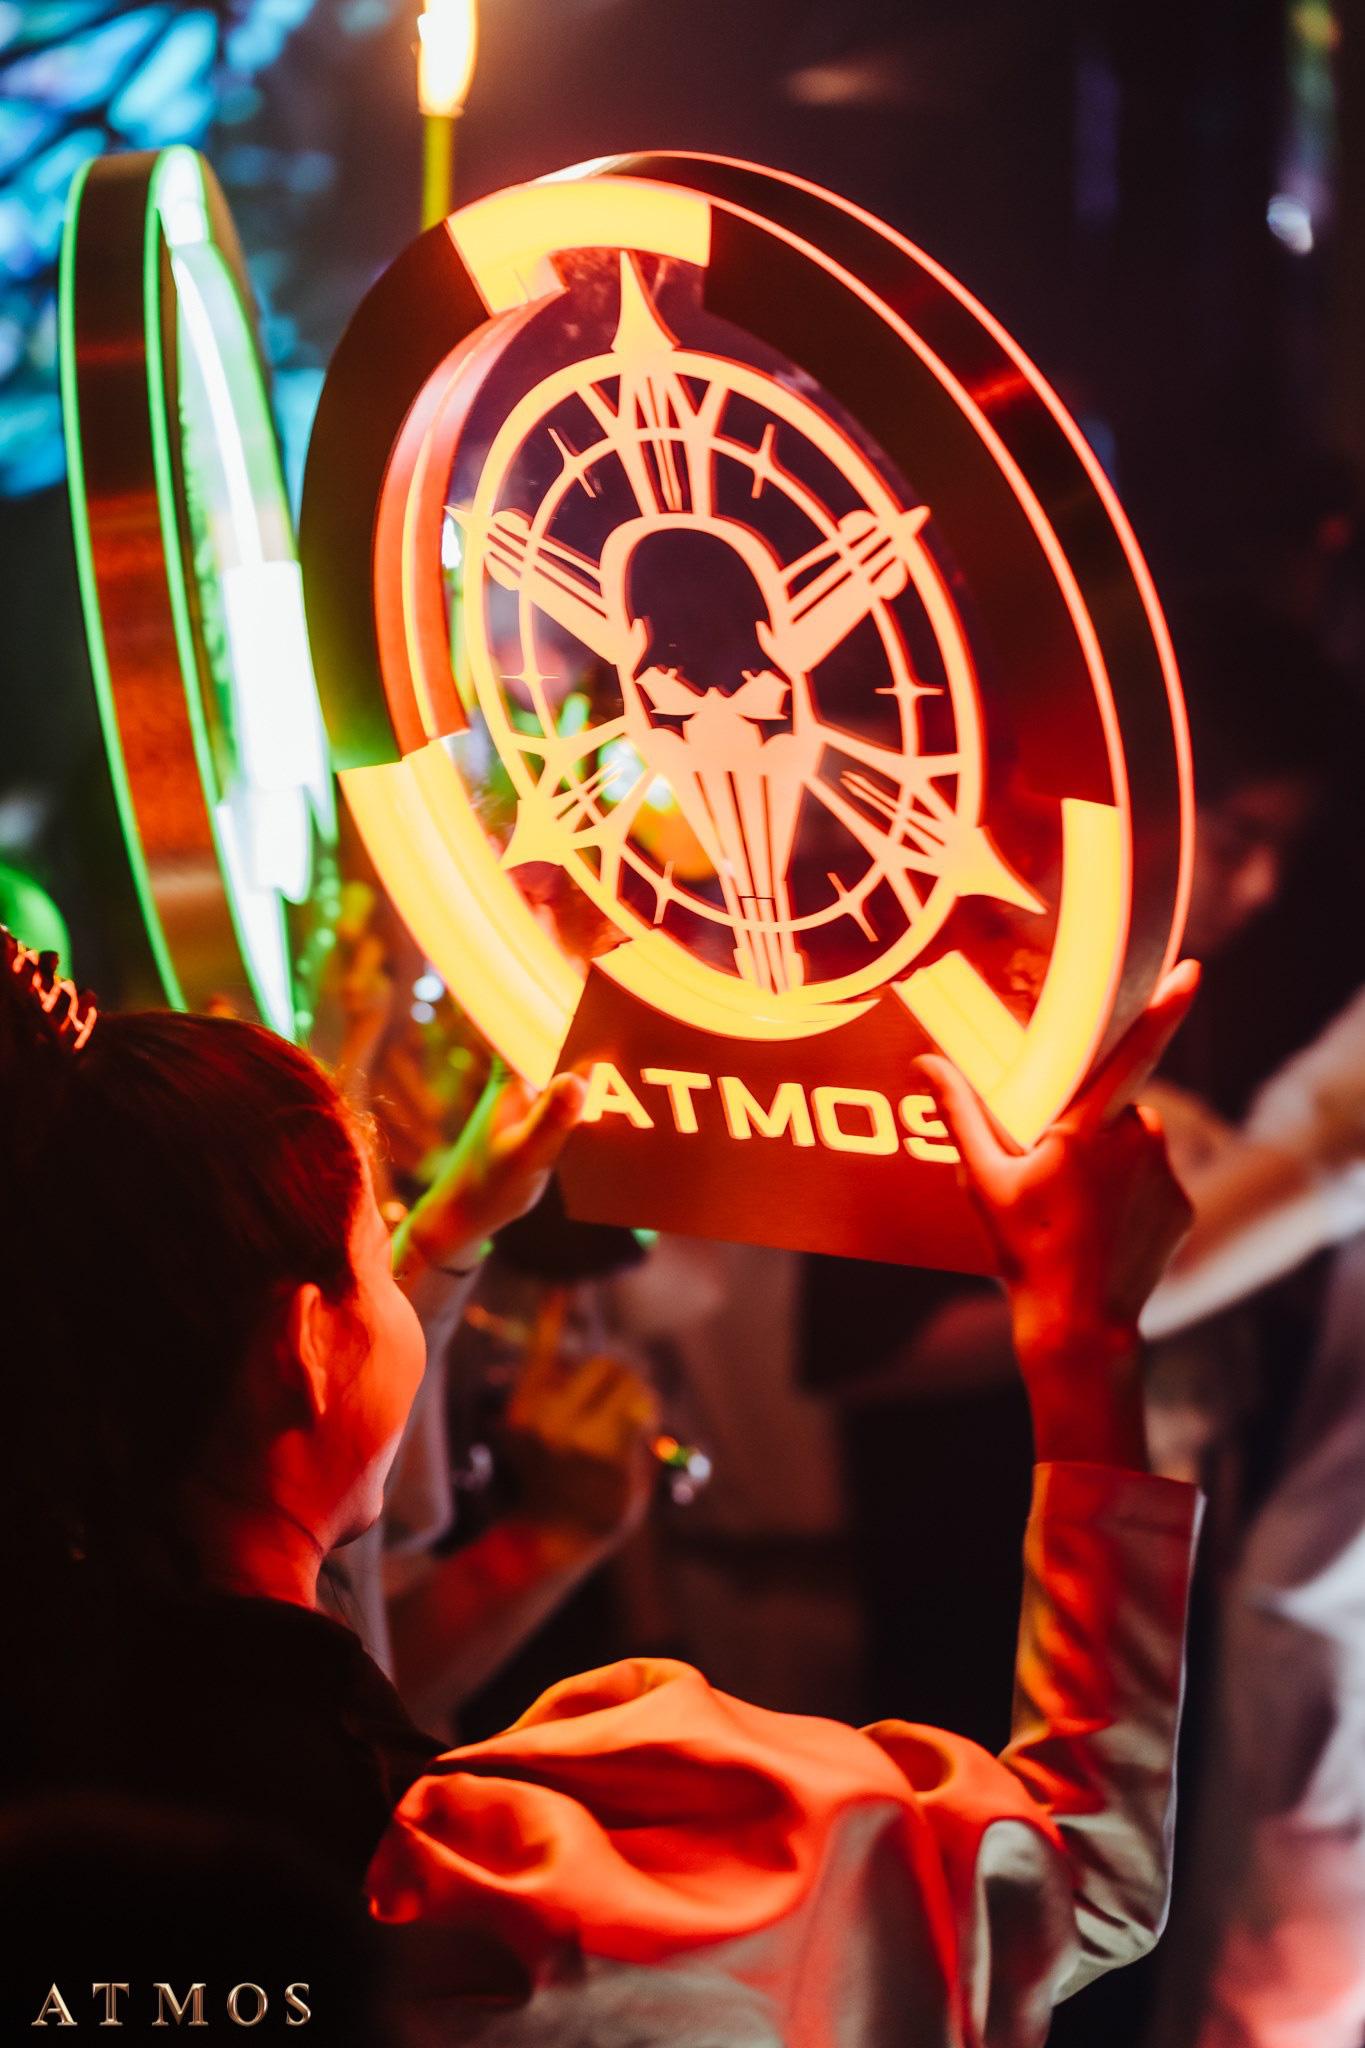 Bích Phương cùng dàn khách mời đình đám sẵn sàng đại náo mừng Atmos Club tròn 1 tuổi - Ảnh 1.